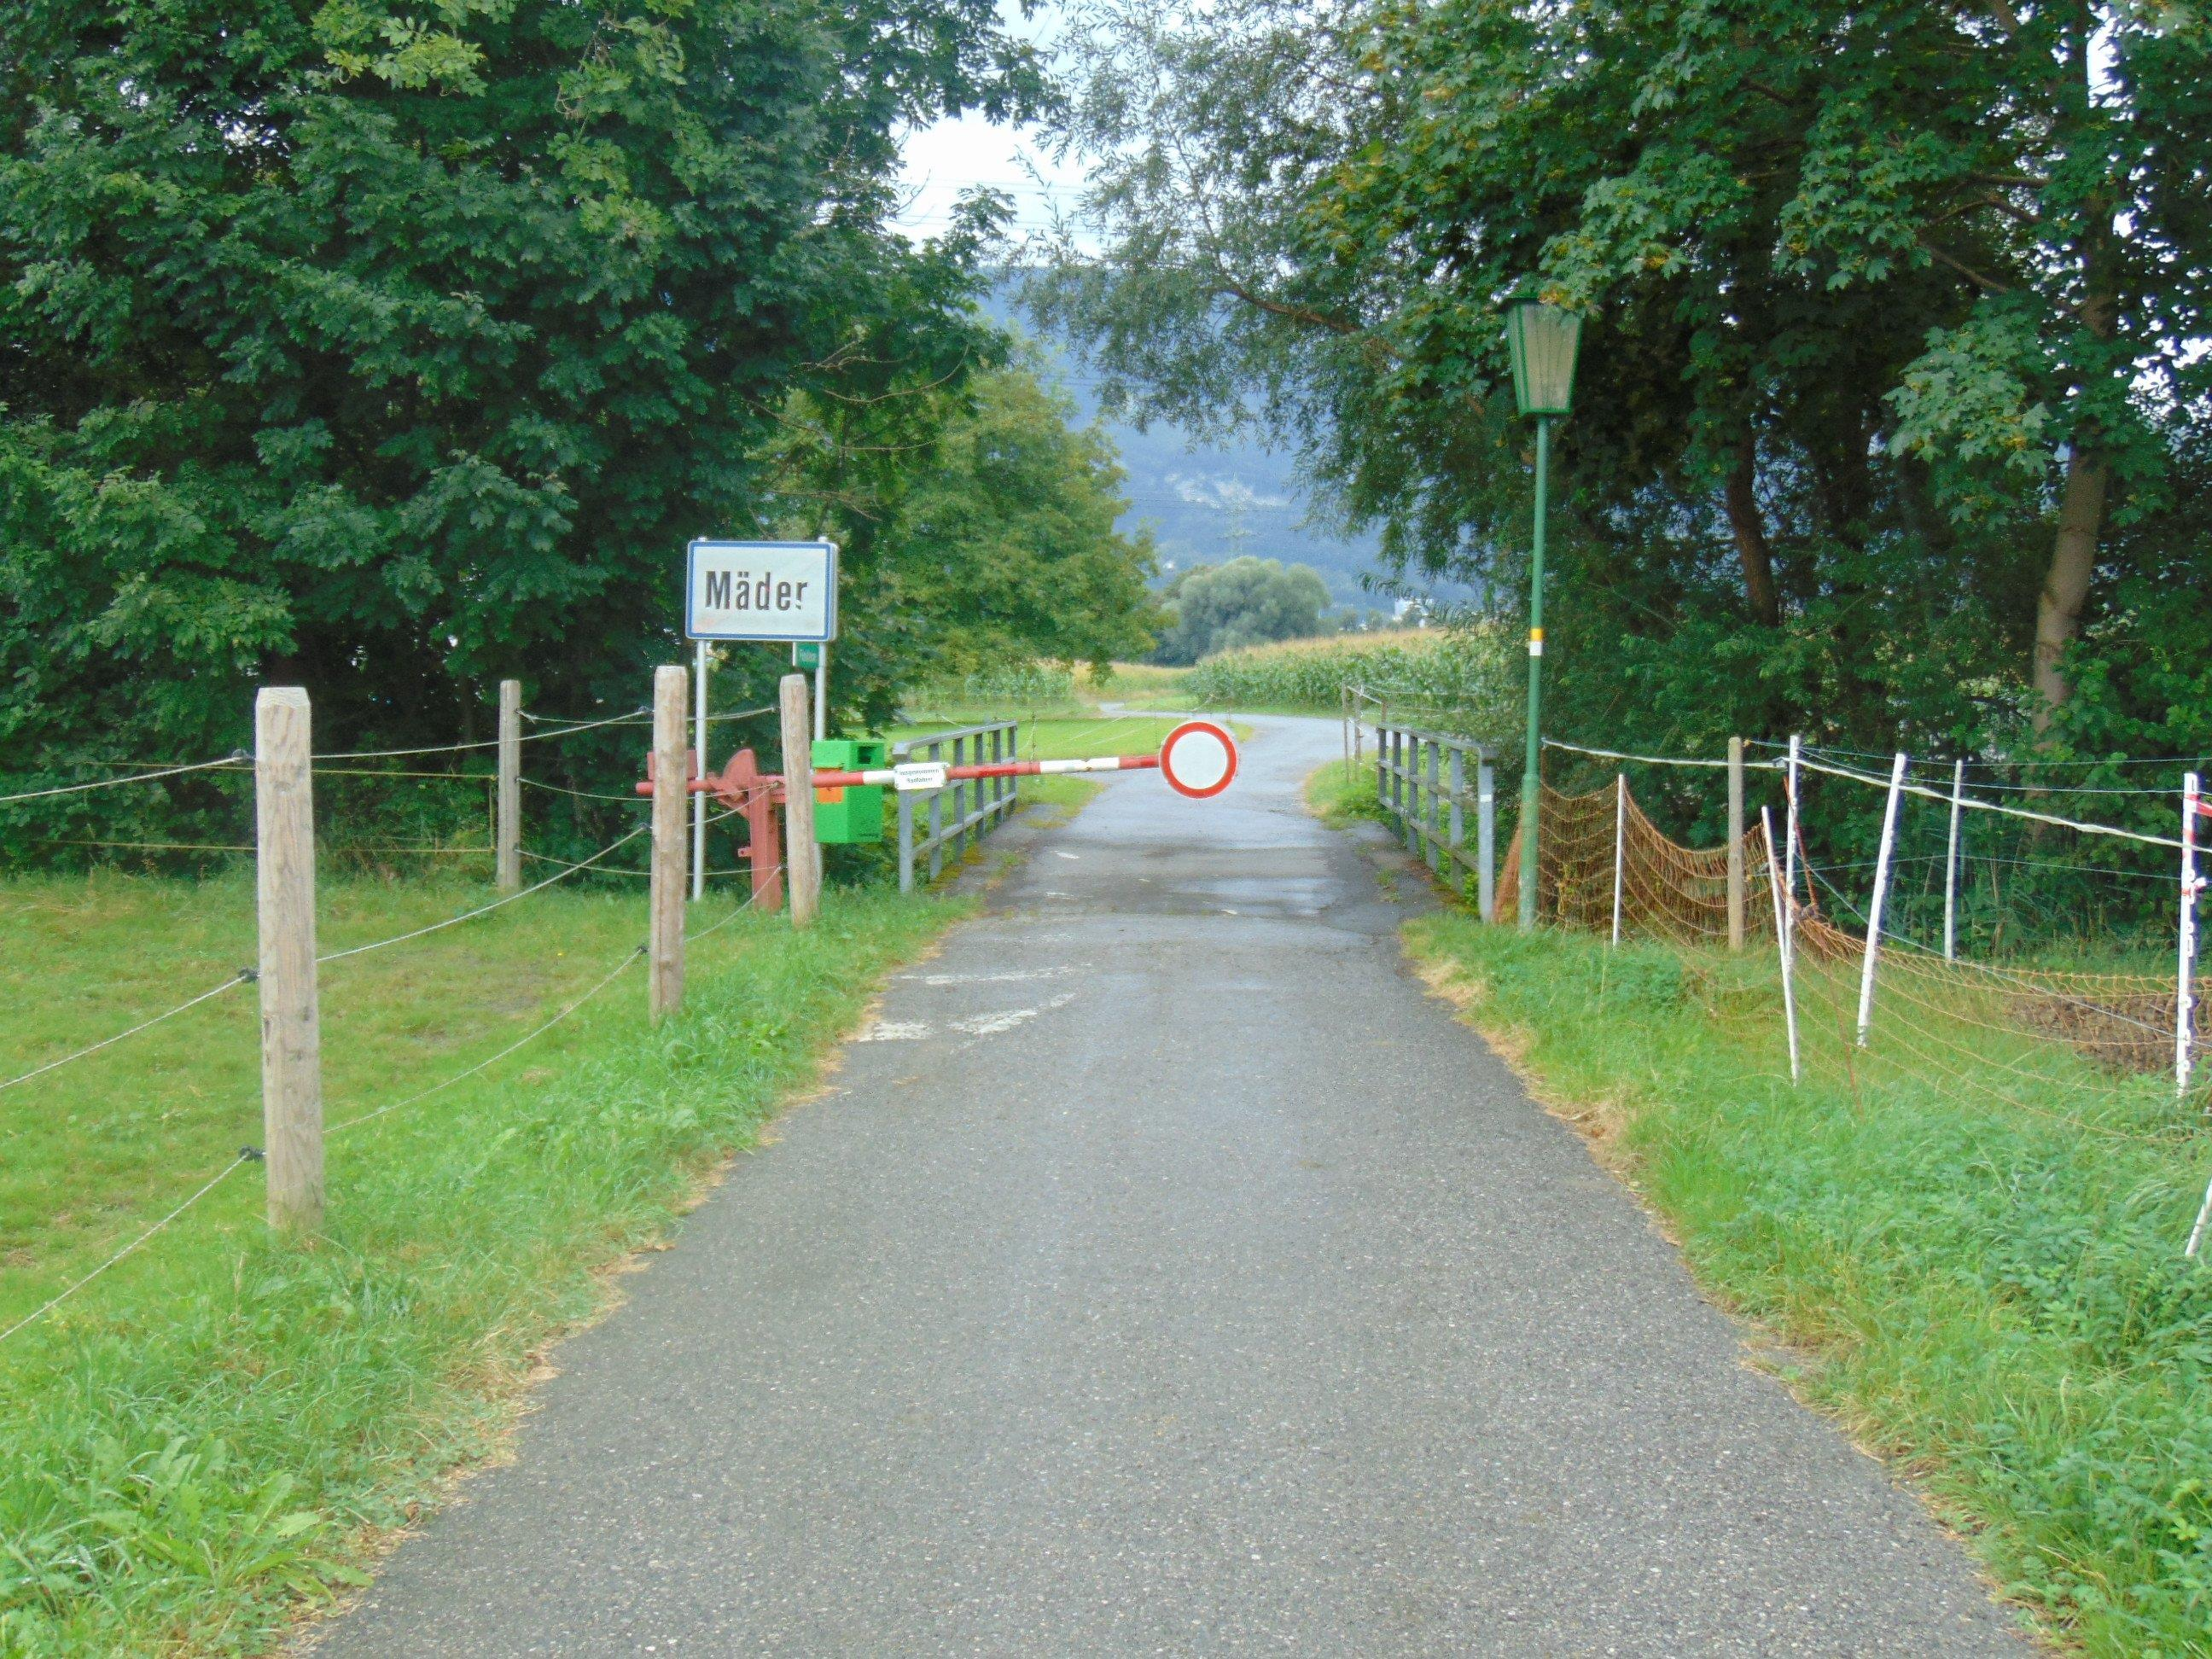 Die Durchfahrt ist bei der Schranke nach wie vor mit einem deutlich sichtbaren Fahrverbots-Schild gekennzeichnet.